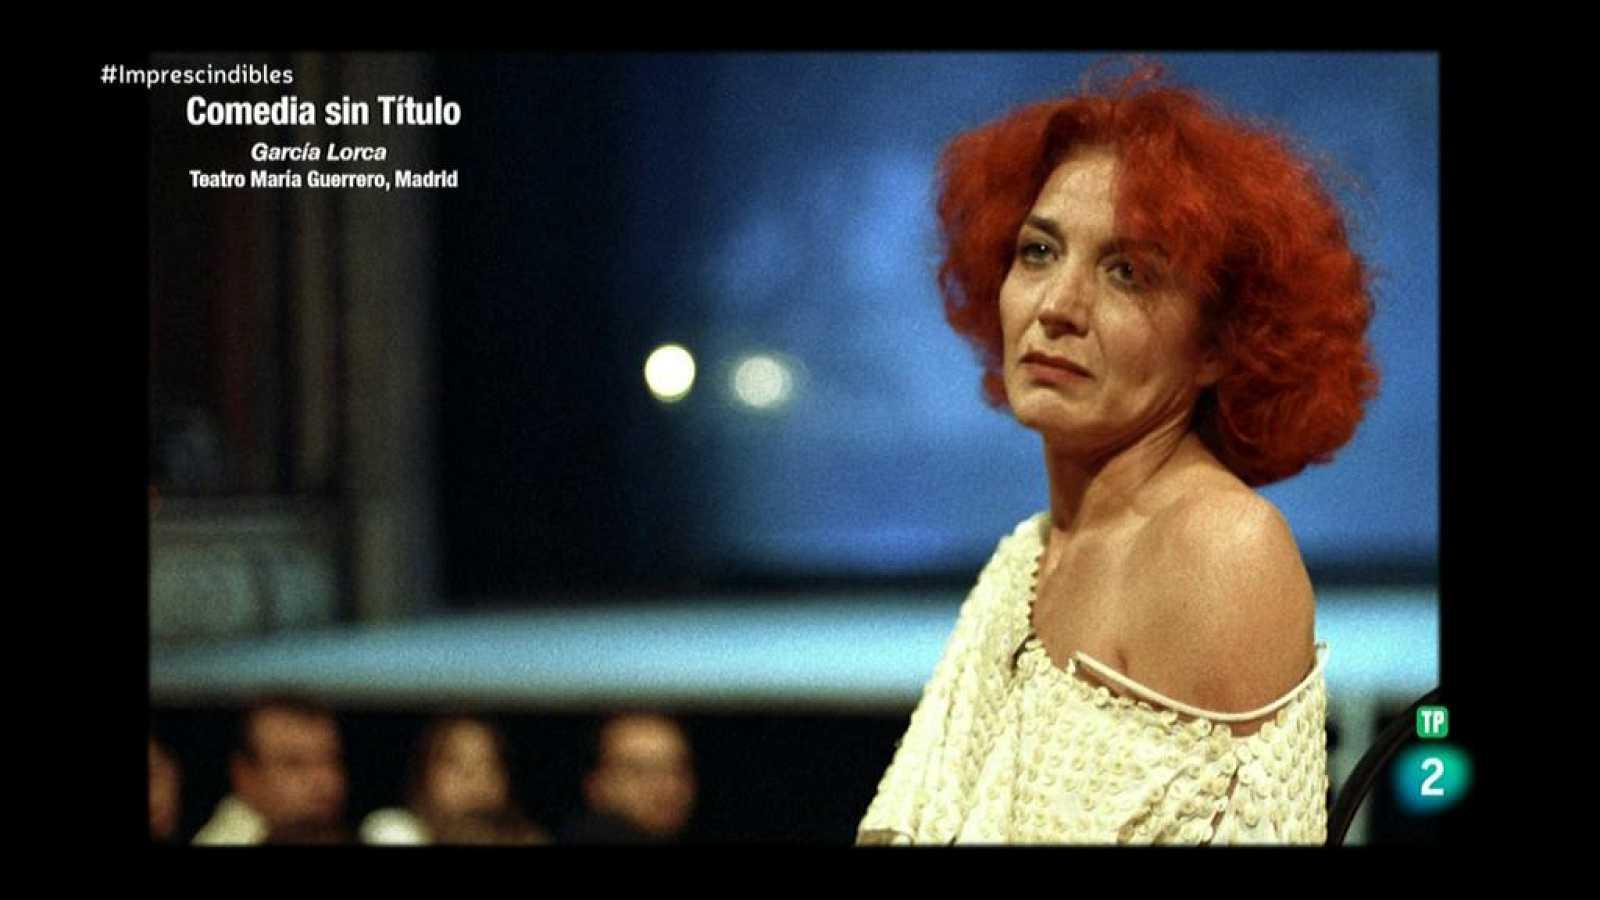 Imprescindibles - Lluís Pasqual quiso revivir a Lorca en los escenarios